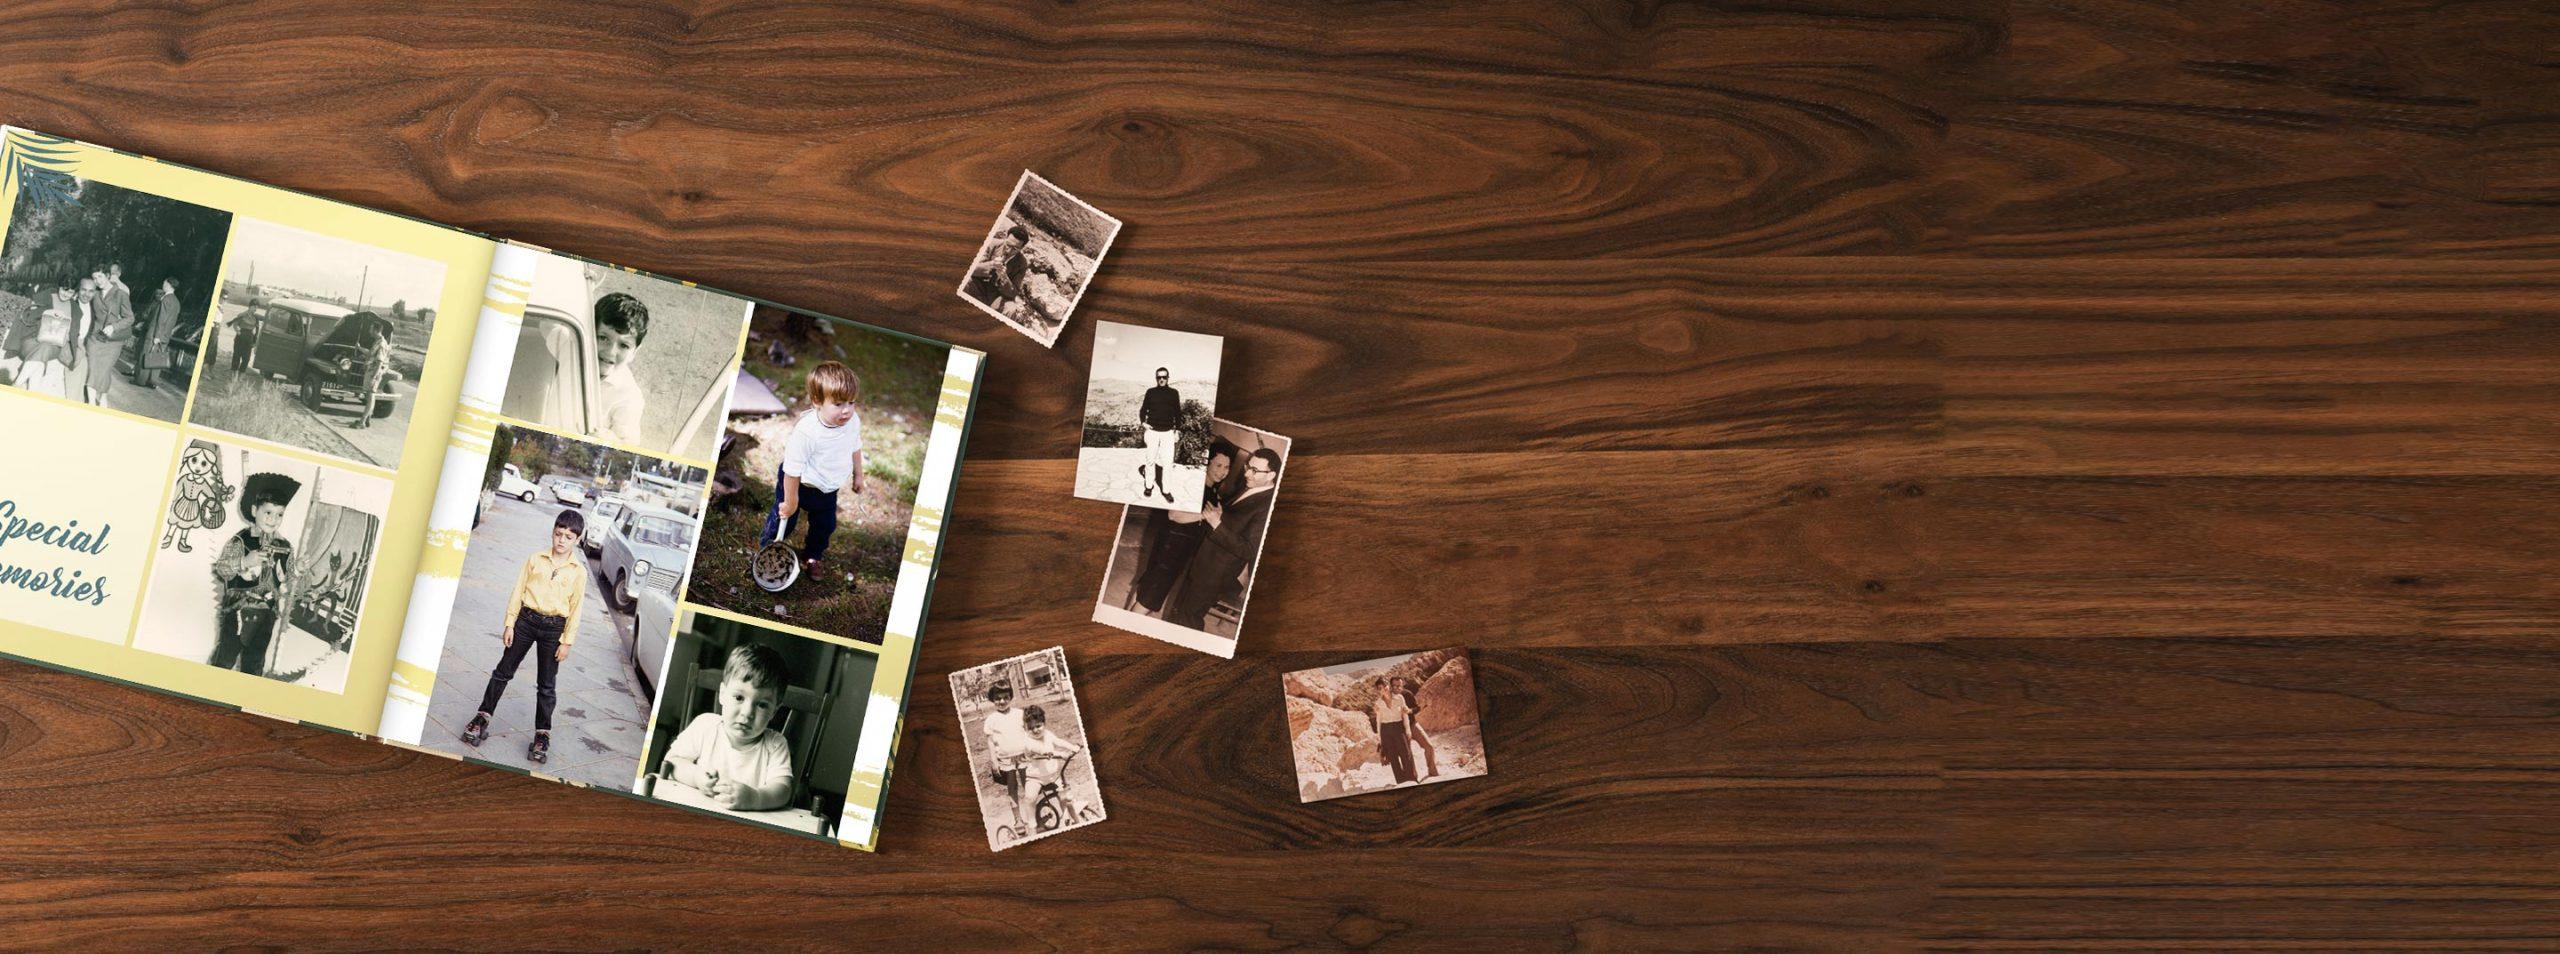 אלבום תמונות לאבא